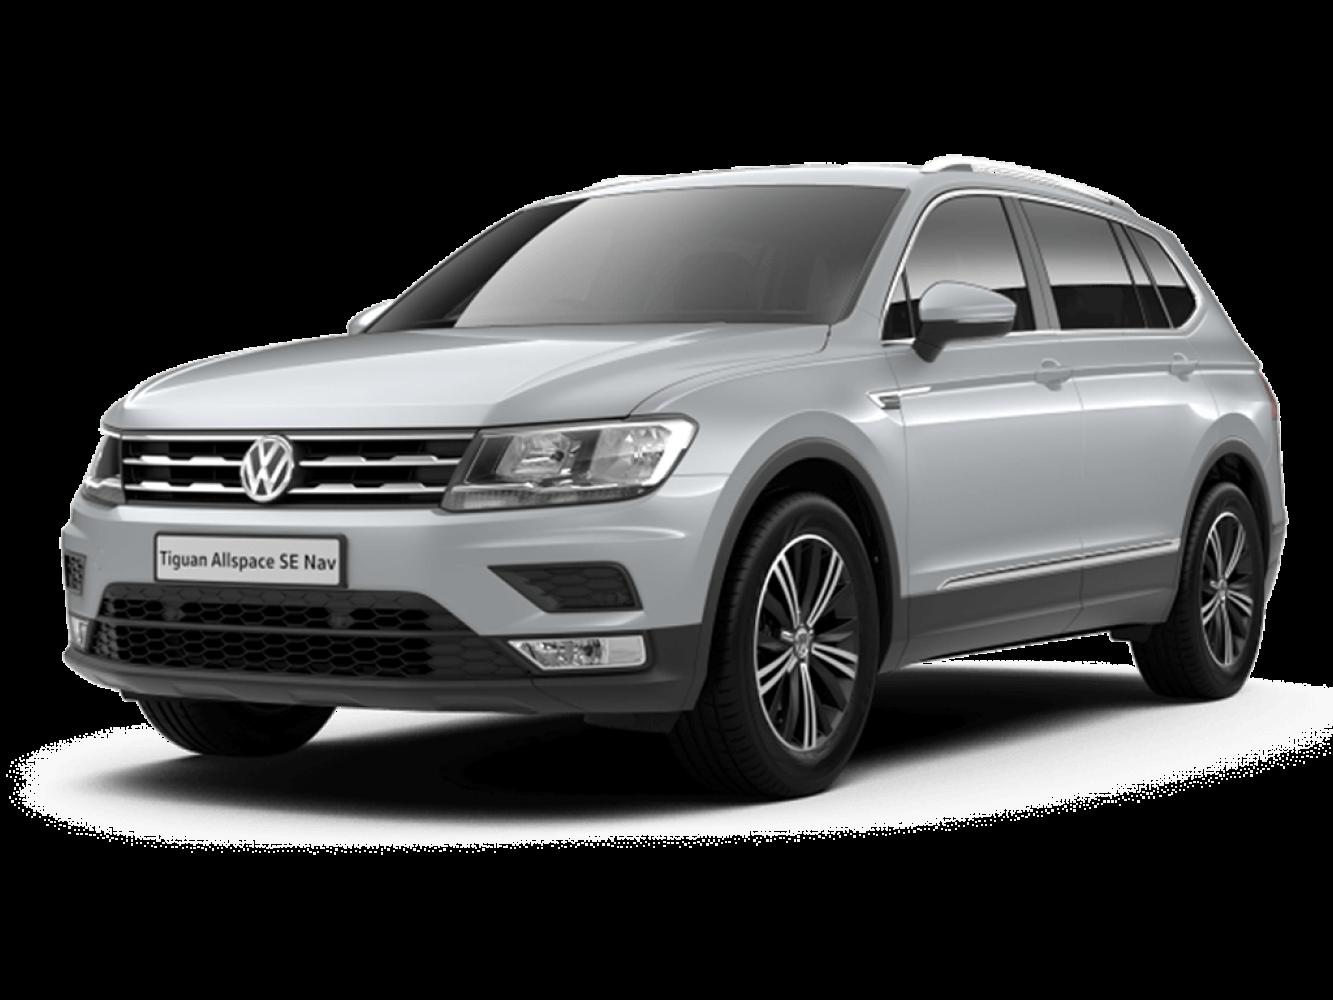 new volkswagen tiguan allspace 2 0 tdi 4motion se nav 5dr dsg diesel estate for sale vertu. Black Bedroom Furniture Sets. Home Design Ideas